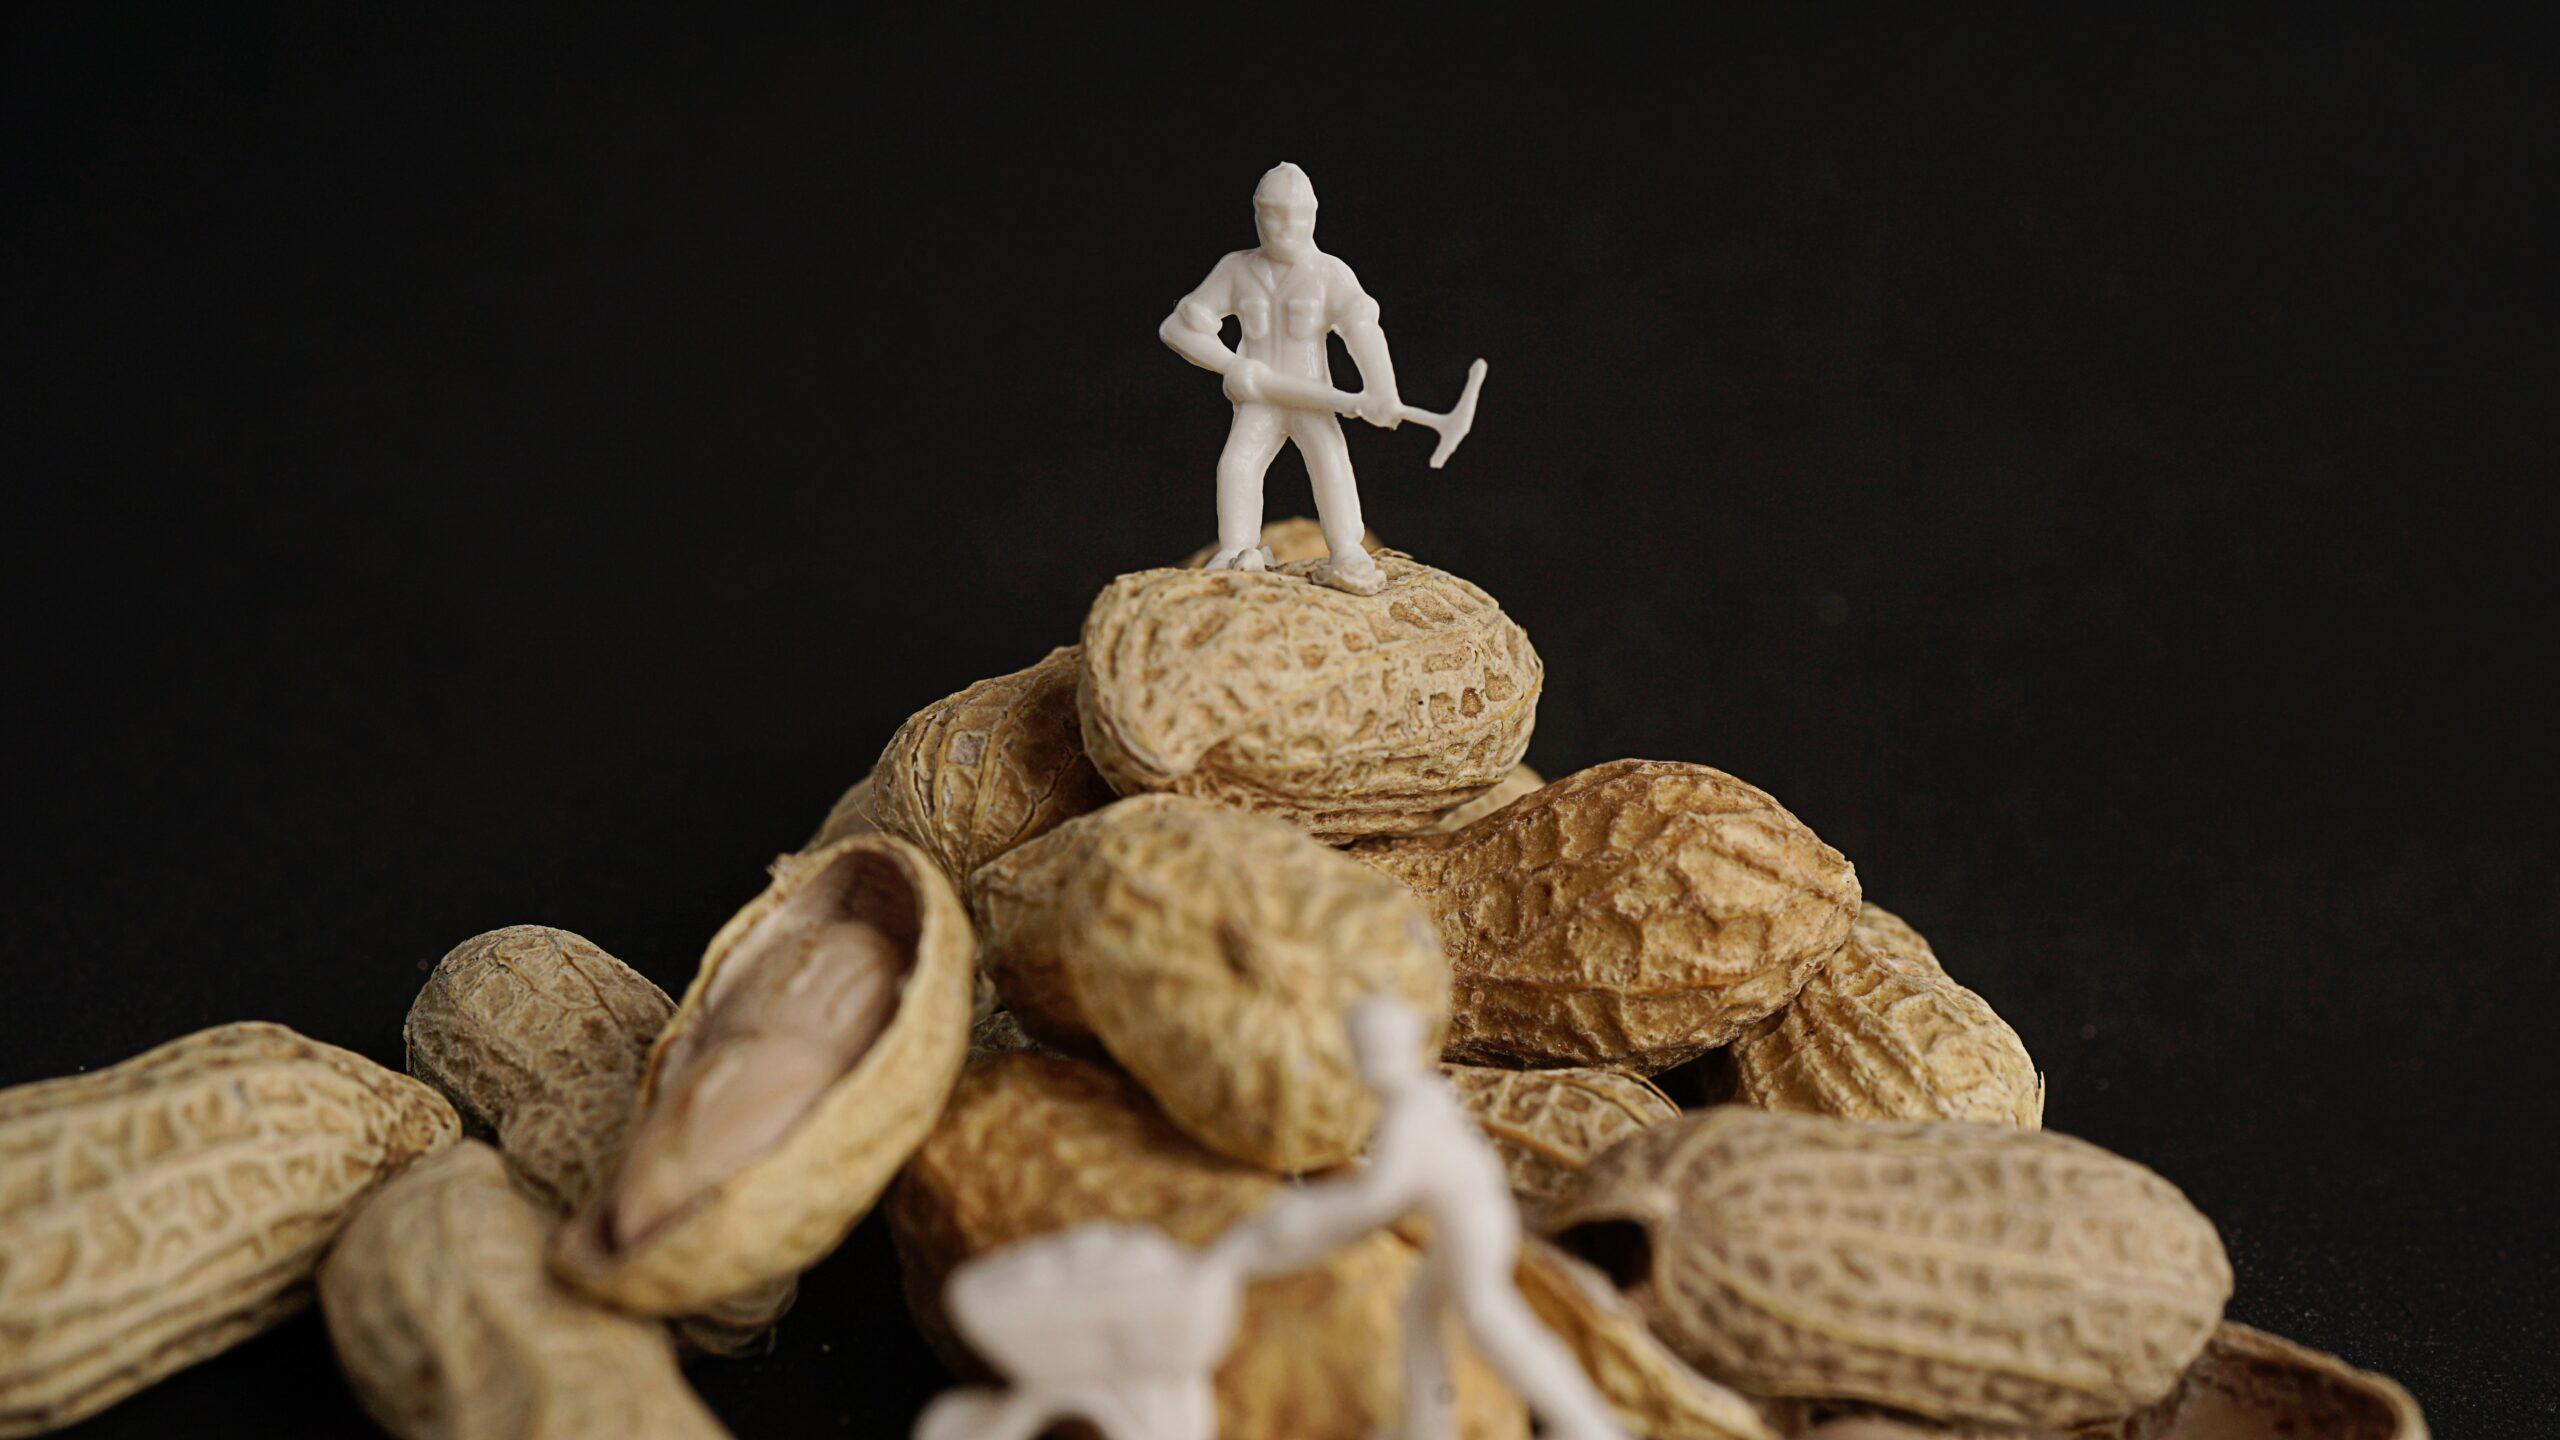 栄養素と健康アウトカムの関連性をみるモデル